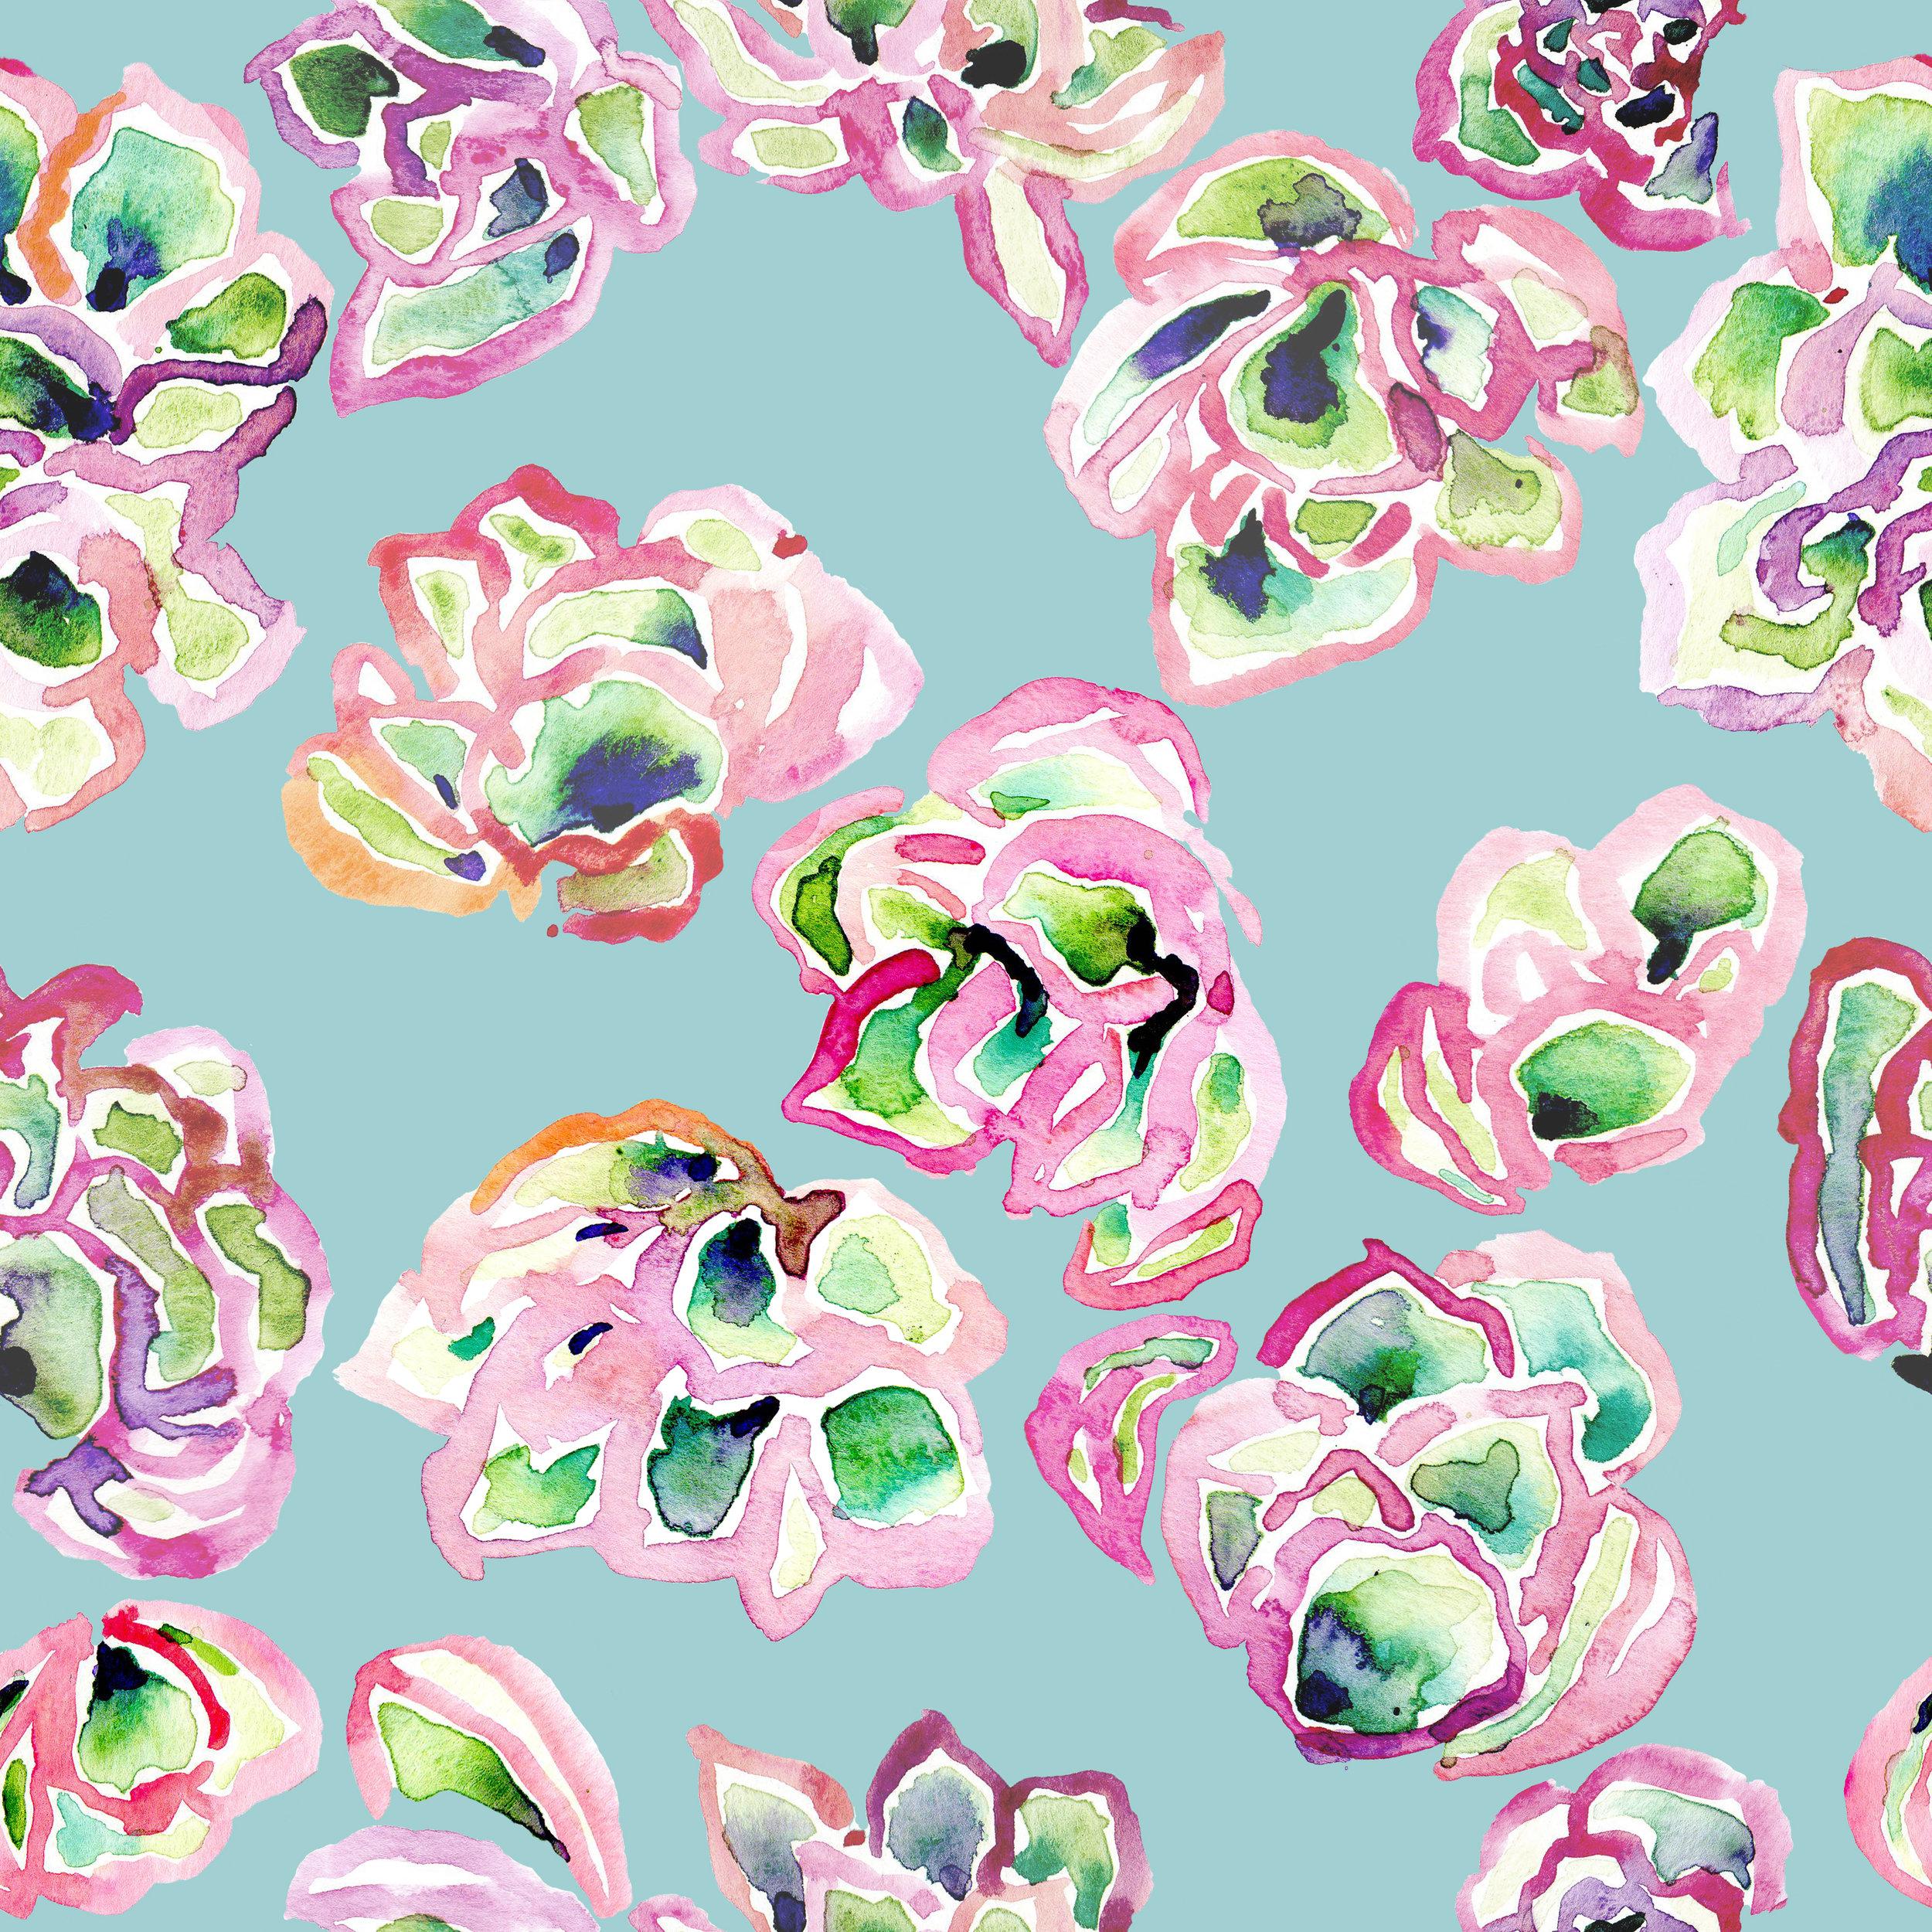 akHOME Cacti FINAL w background 18.02.08B.jpg